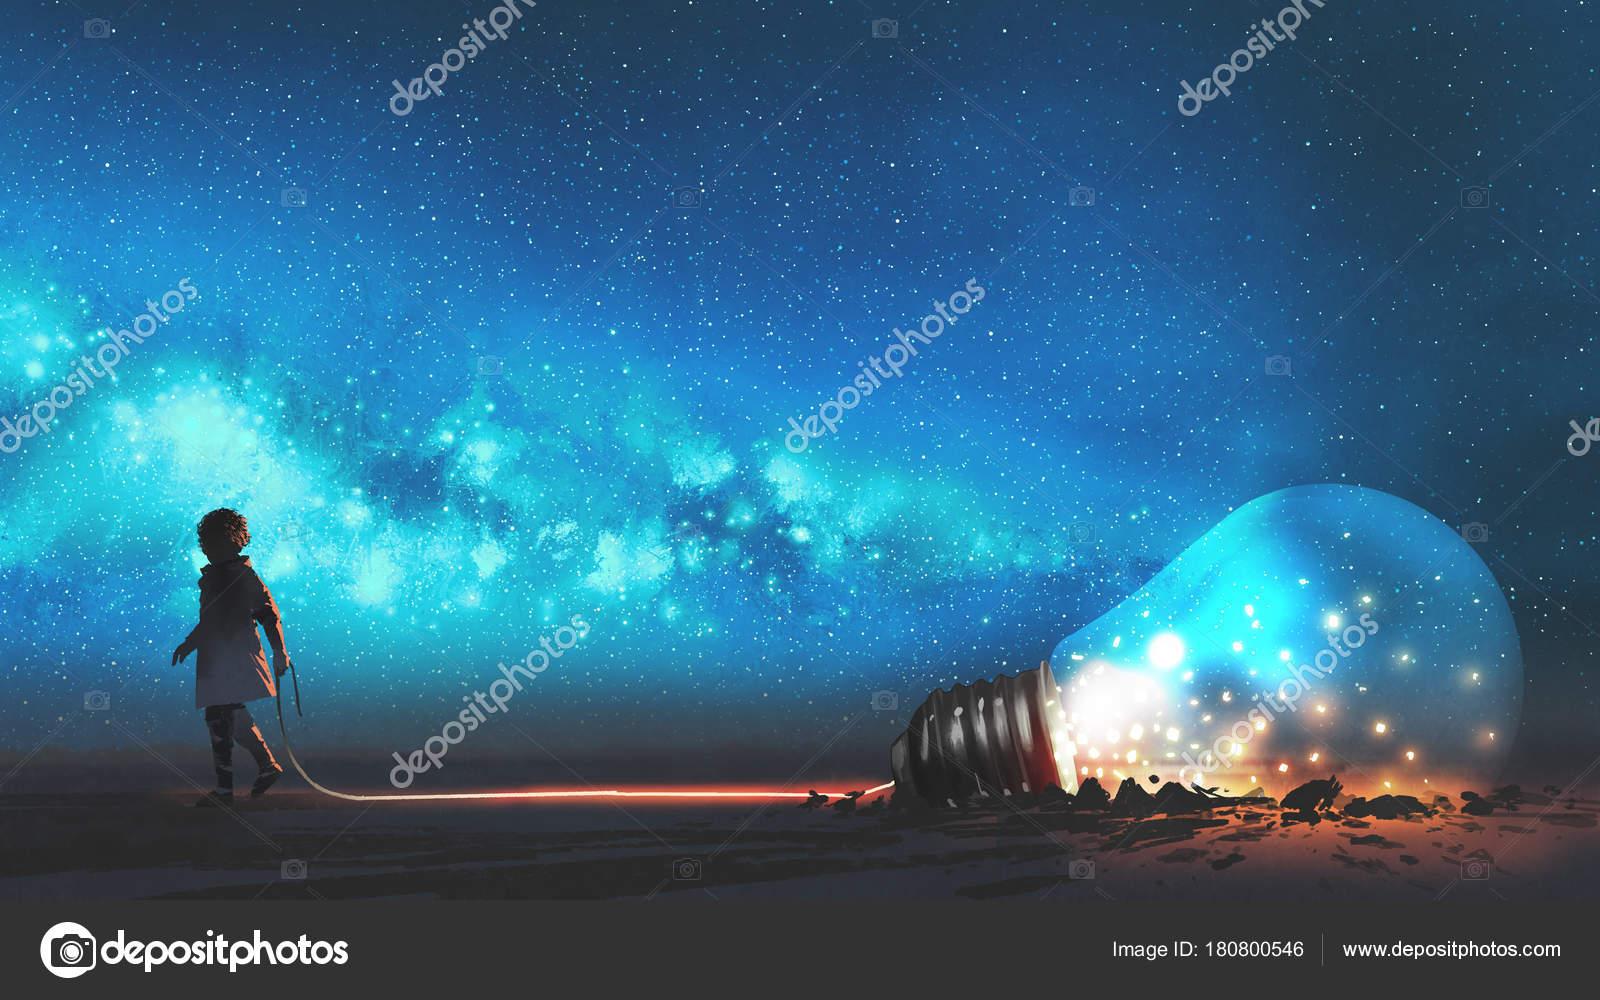 çocuk Büyük Ampul Yarısı Gece Gökyüzünde Yıldızlar Uzay Tozu Dijital